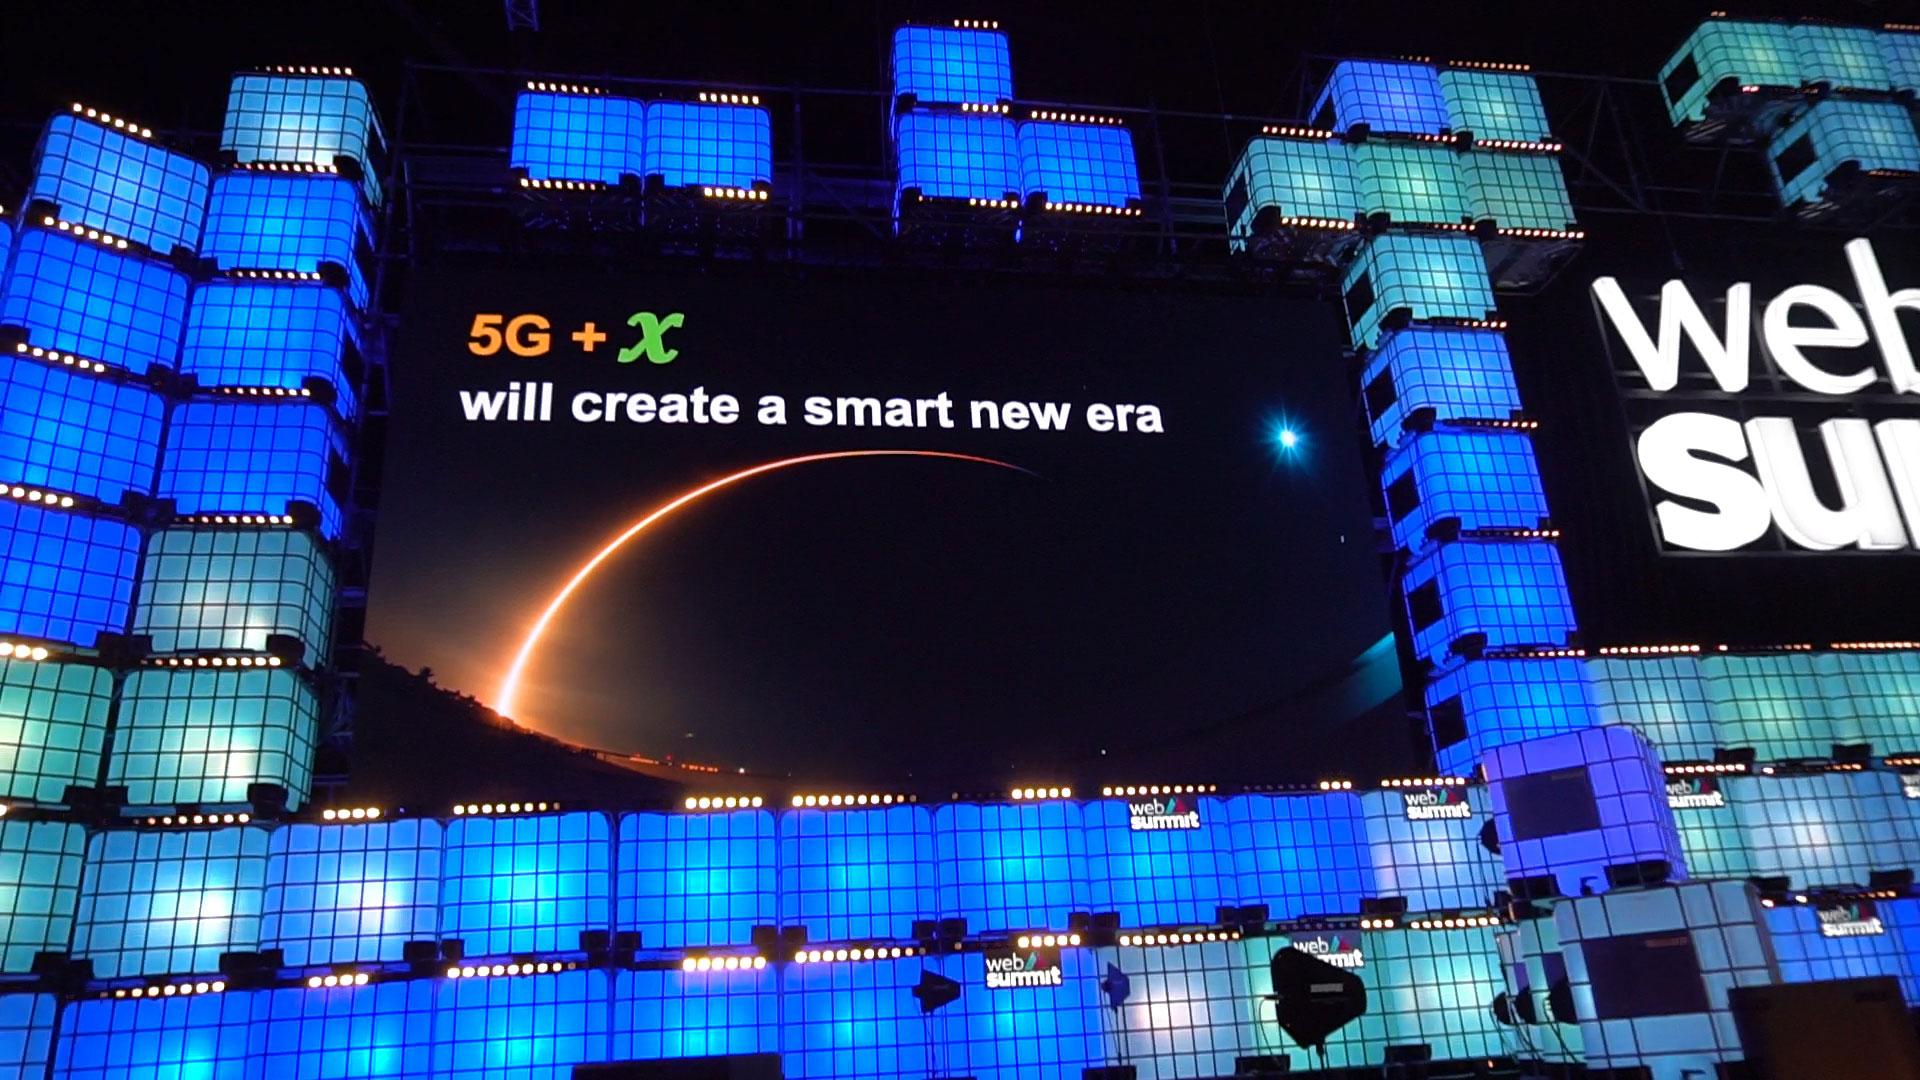 El 5G creará una nueva era inteligente